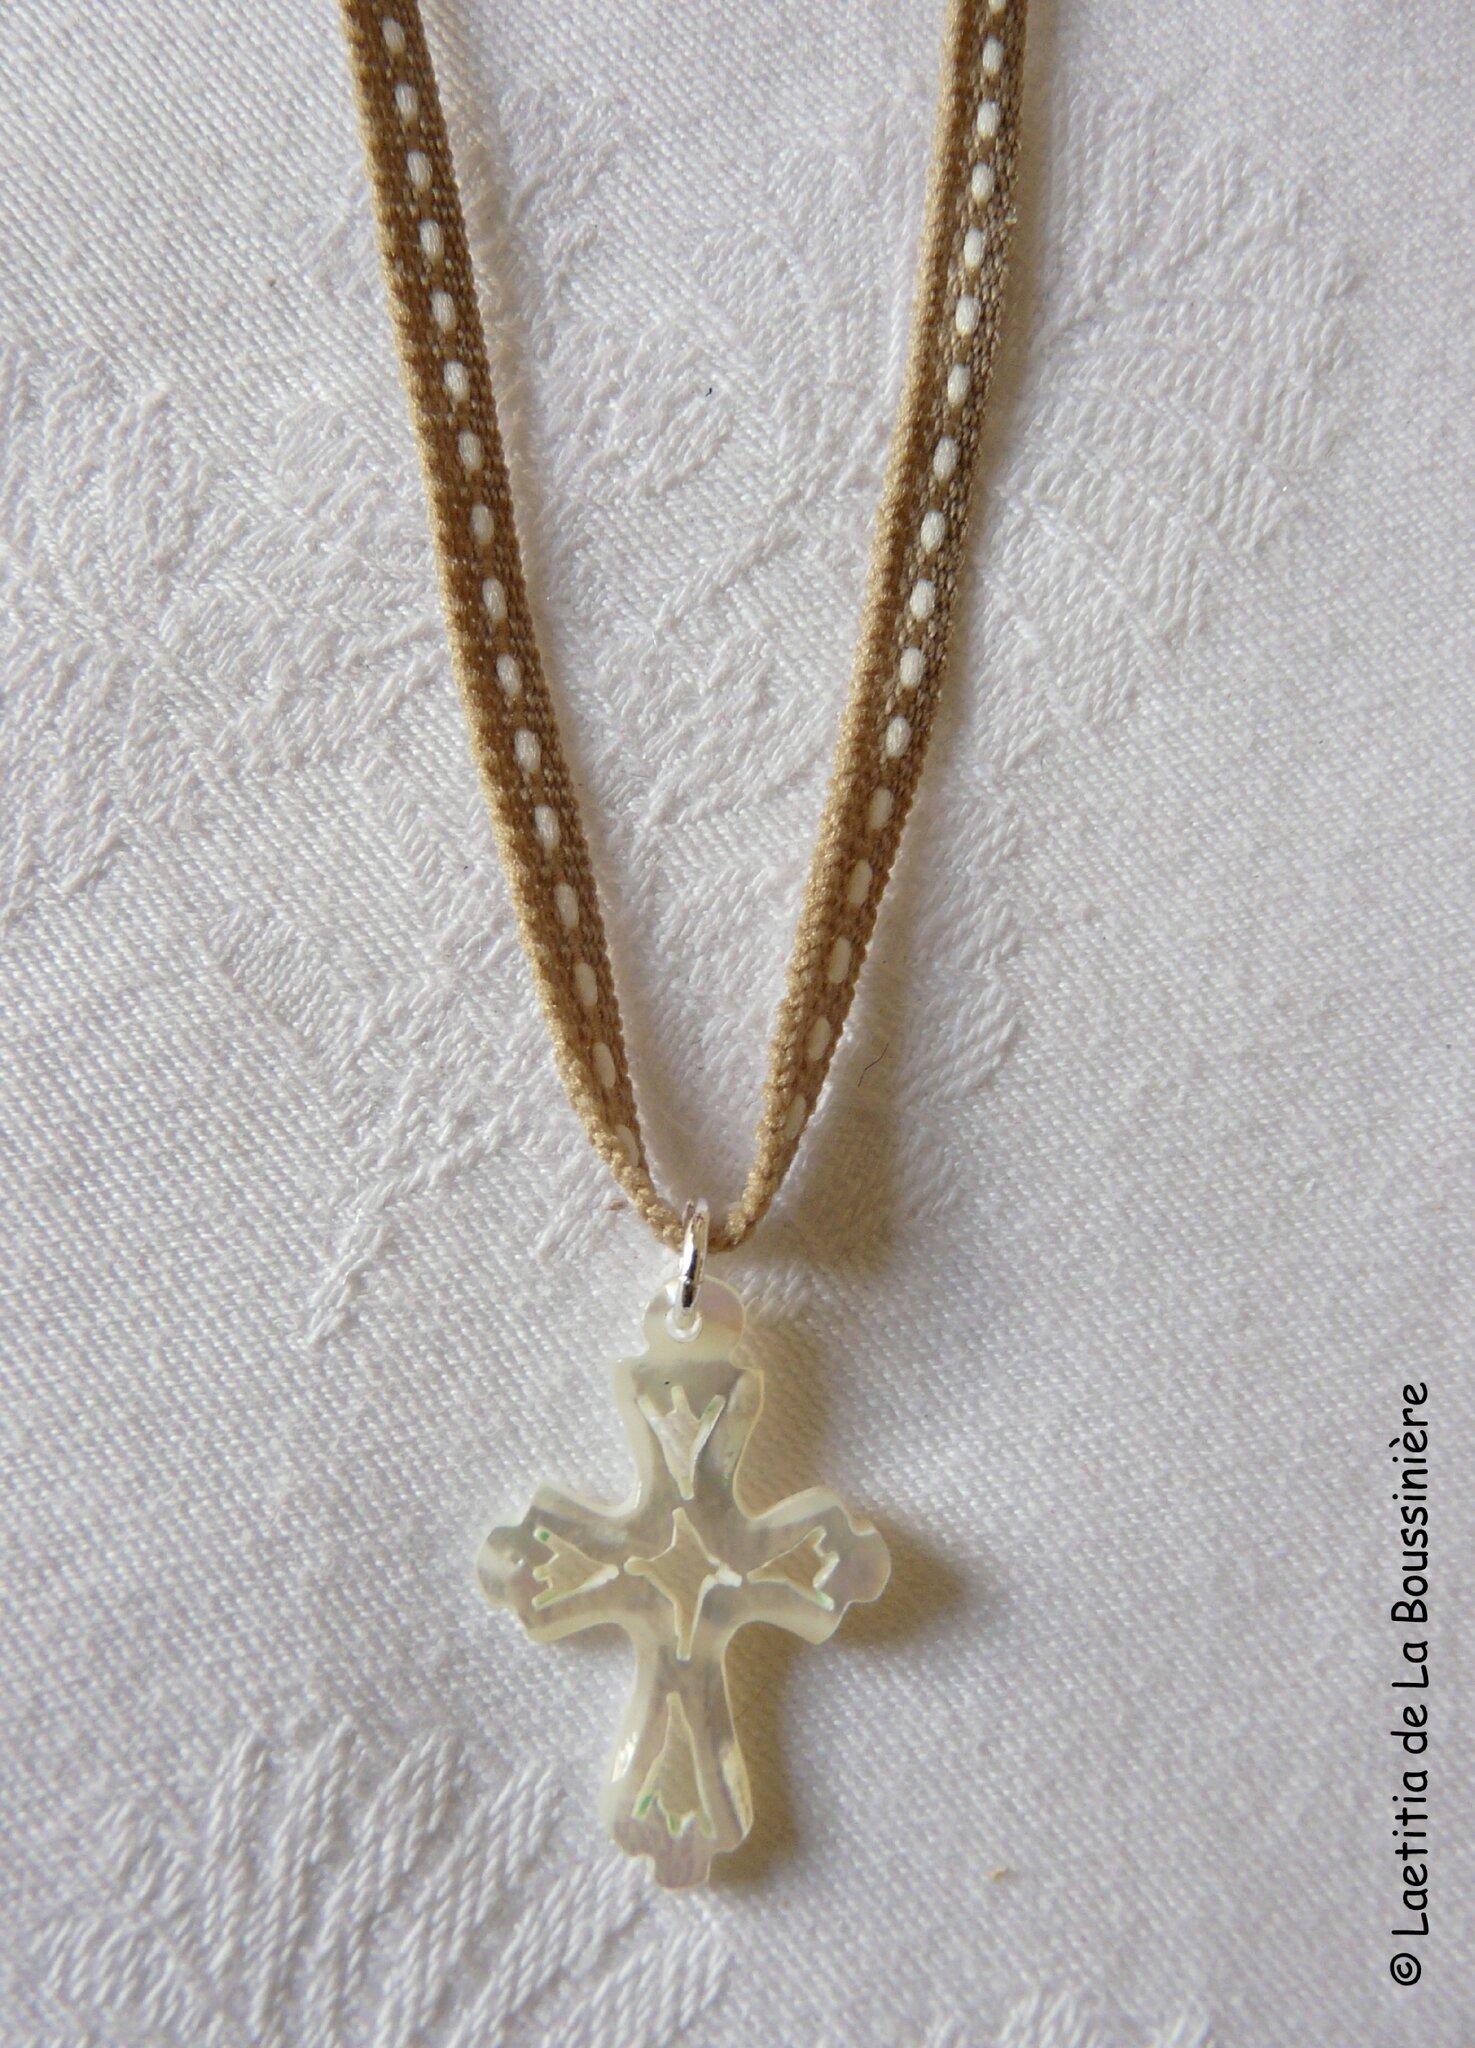 Collier sur cordon avec Croix de Jérusalem évidée 22 mm - 17 €